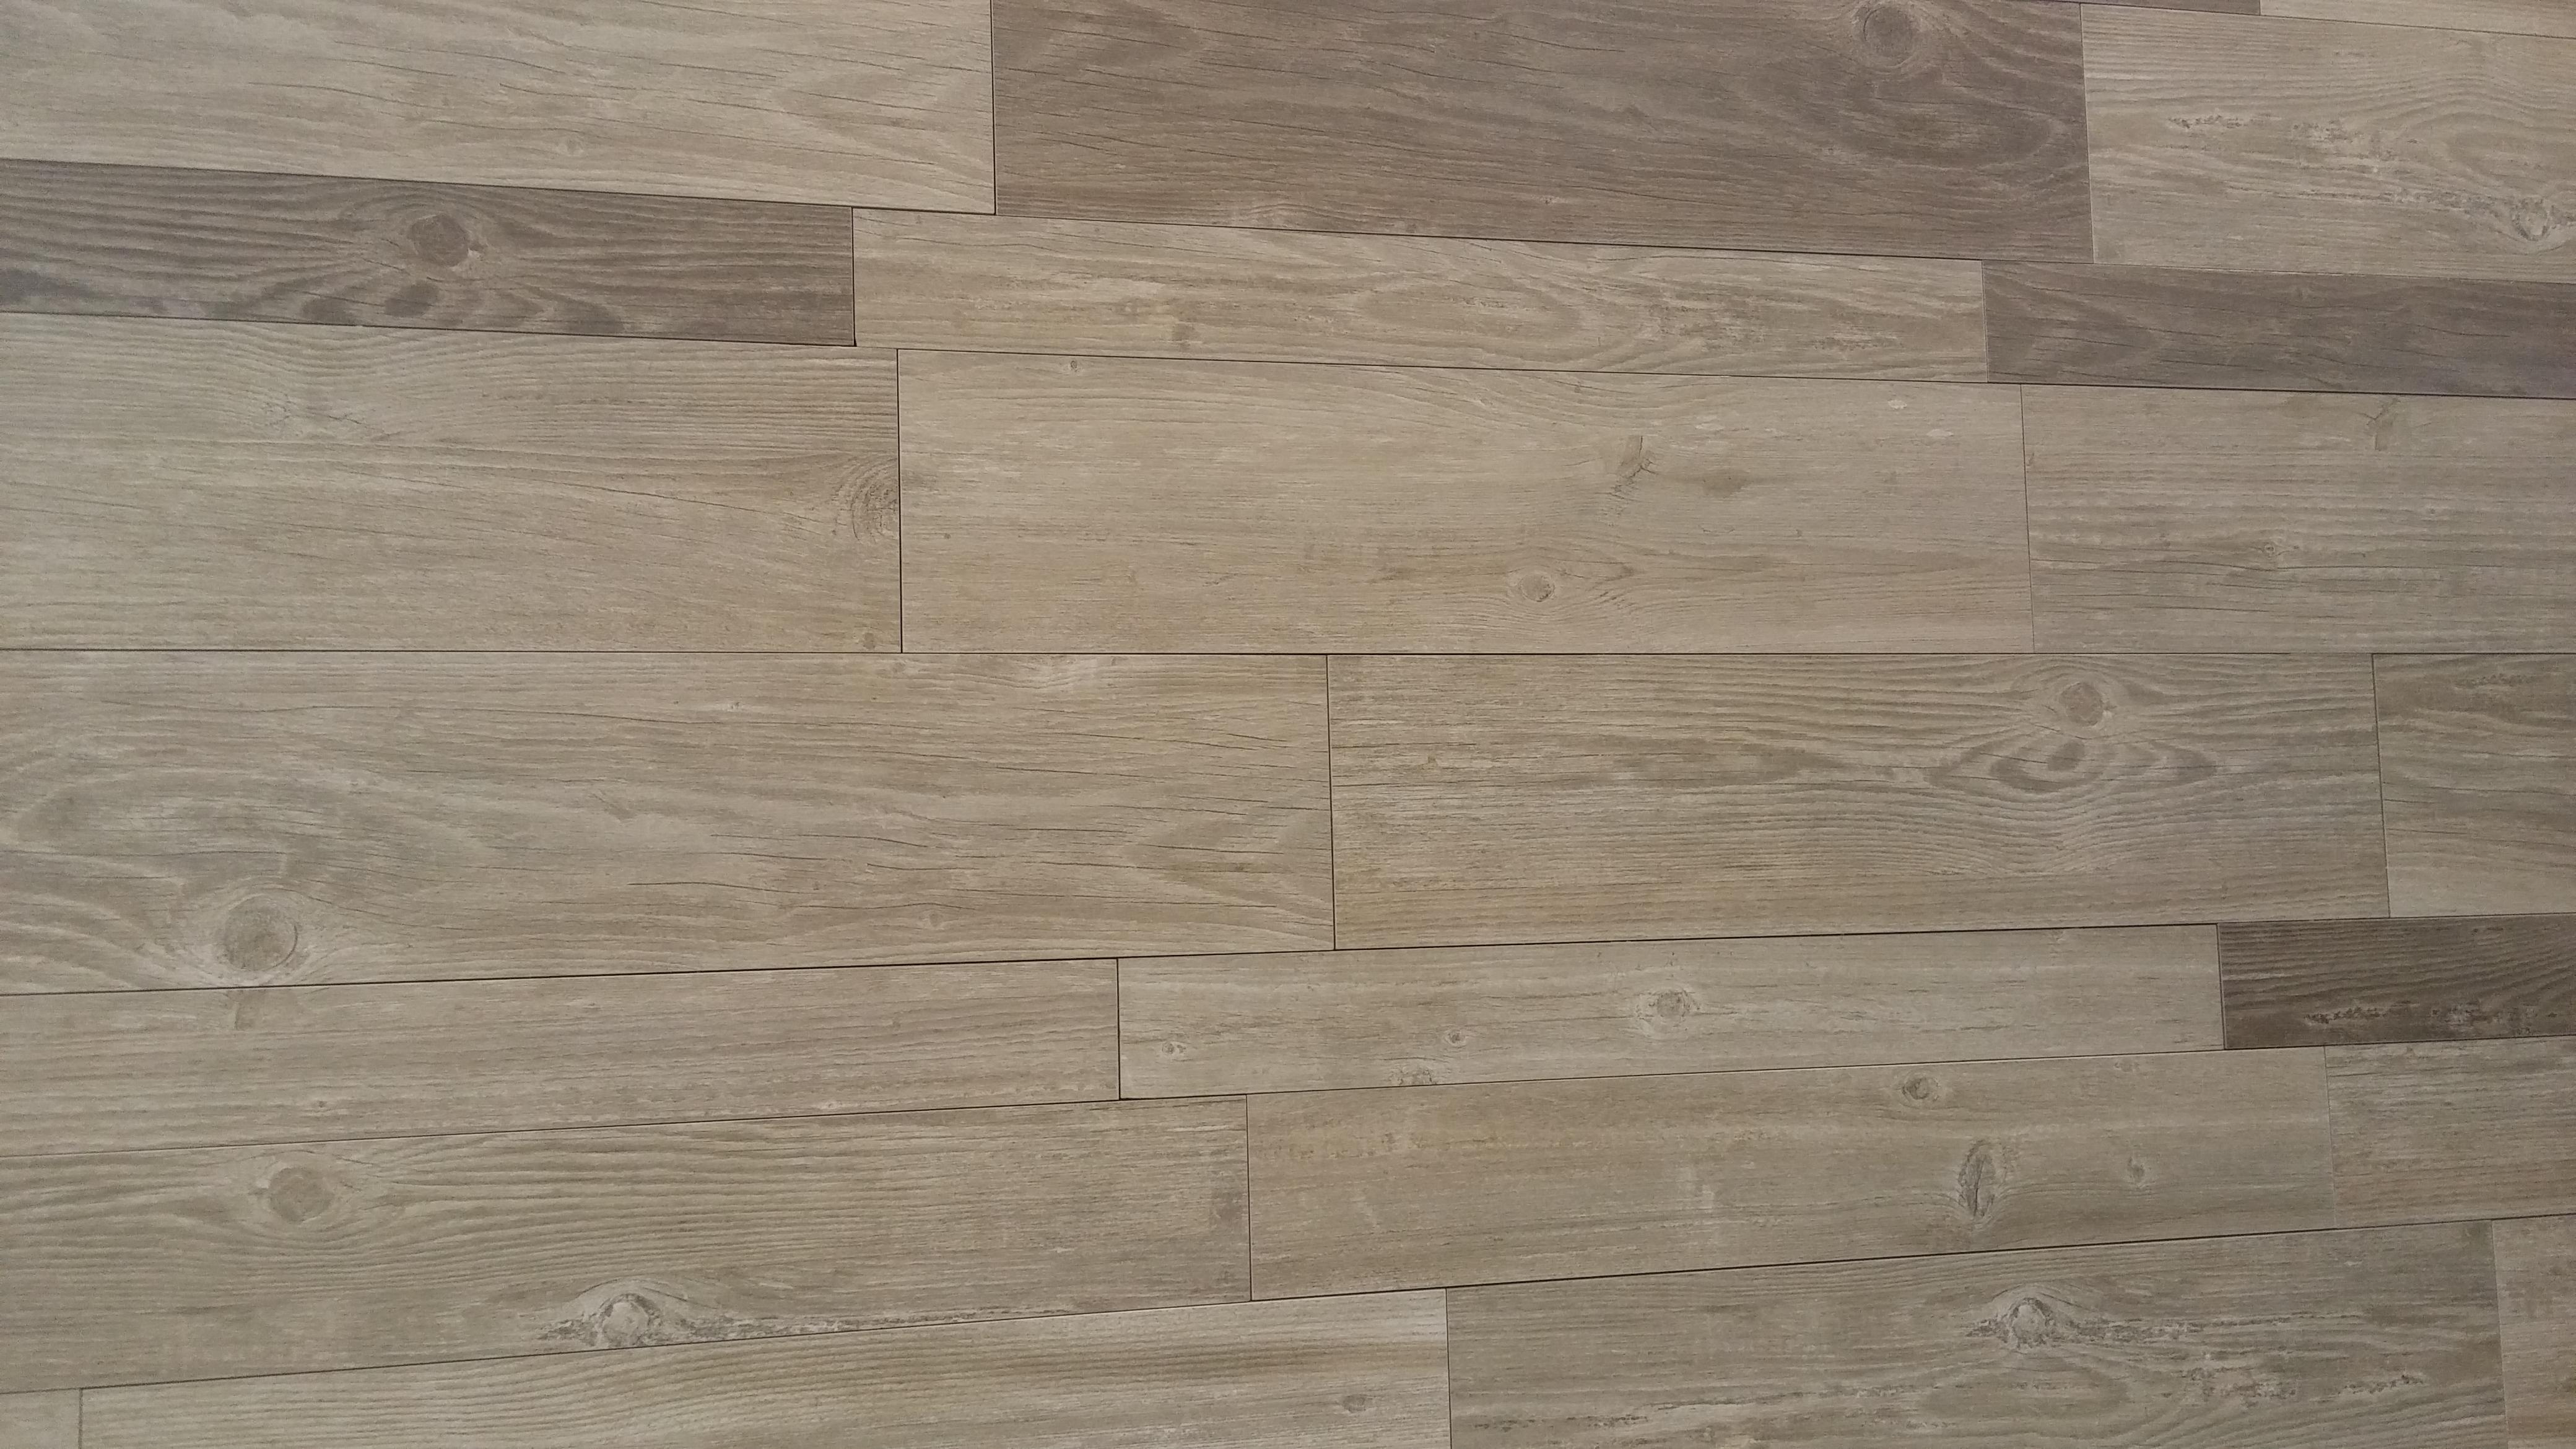 Novedades azulejos 2015 16 tino jornet for Pisos ceramicos de madera